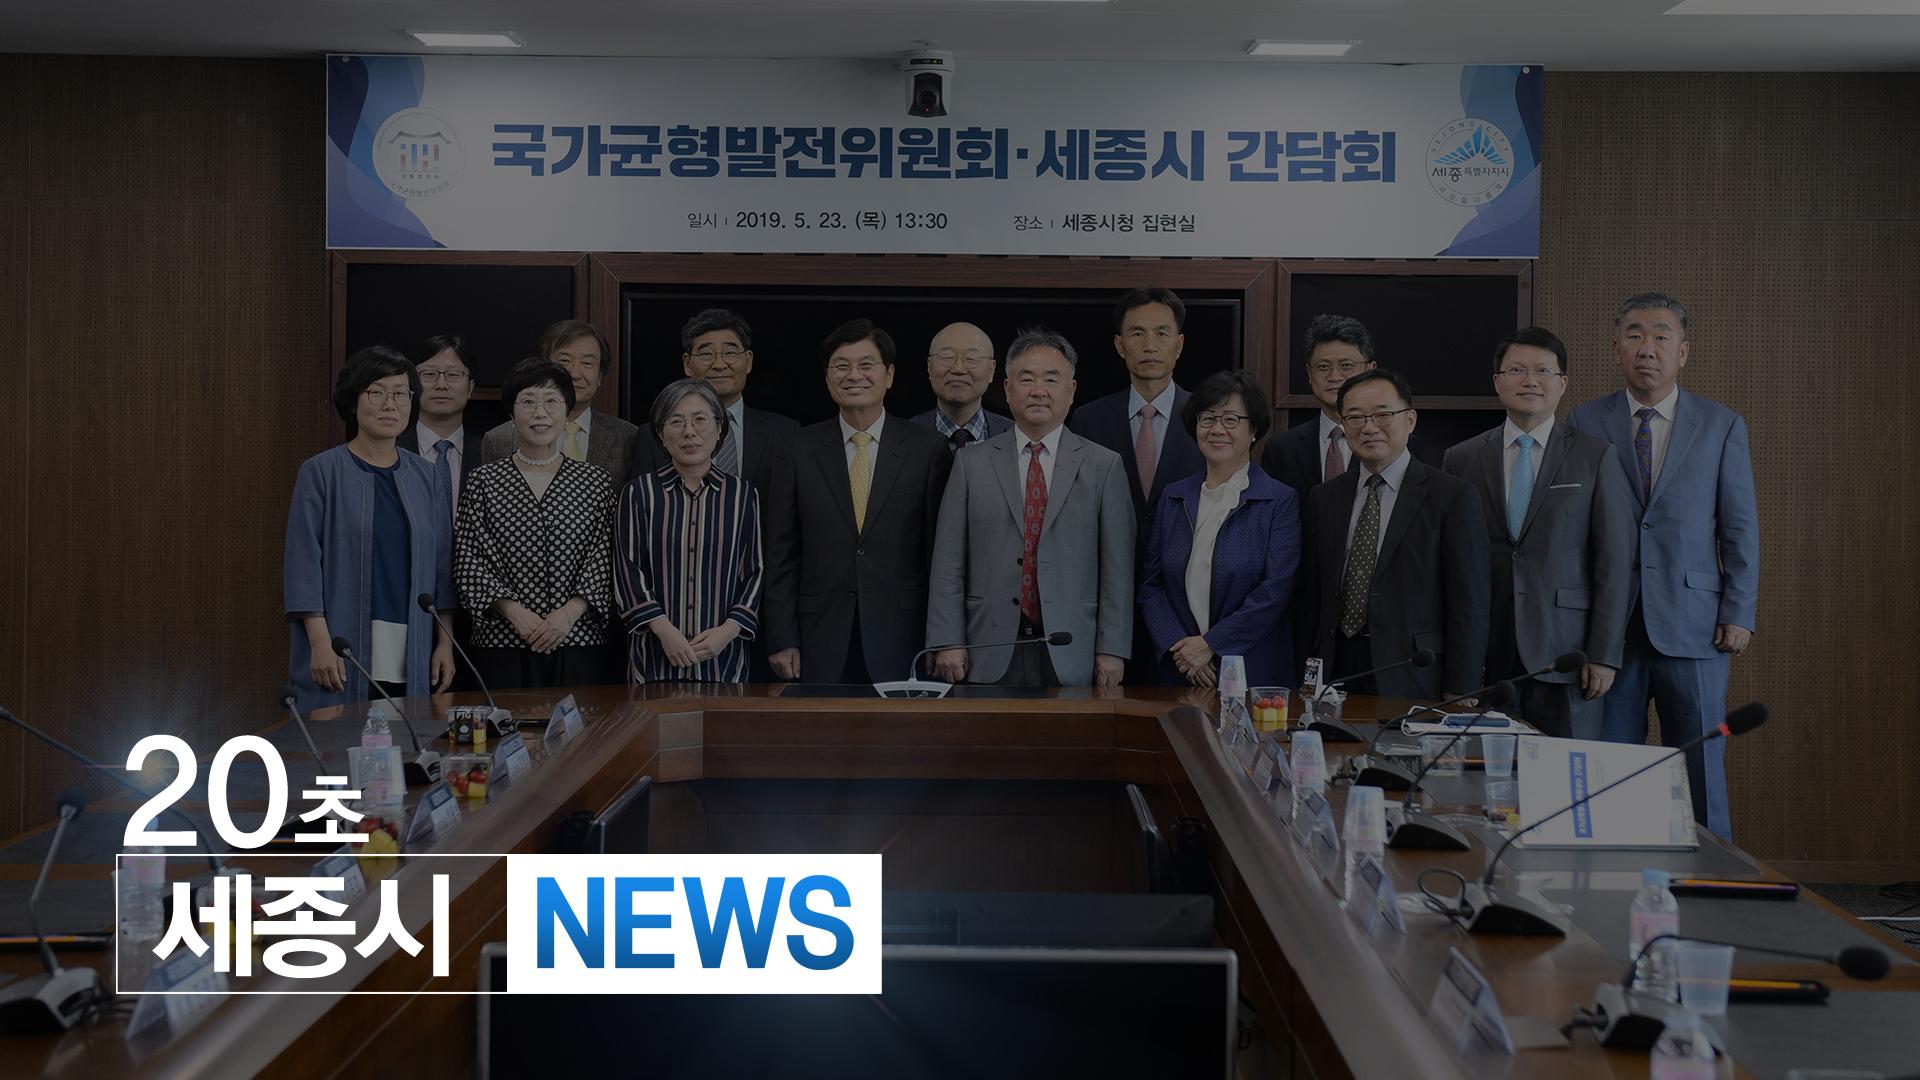 <20초뉴스> 행정수도 기능강화로 국정운영 비효율 개선